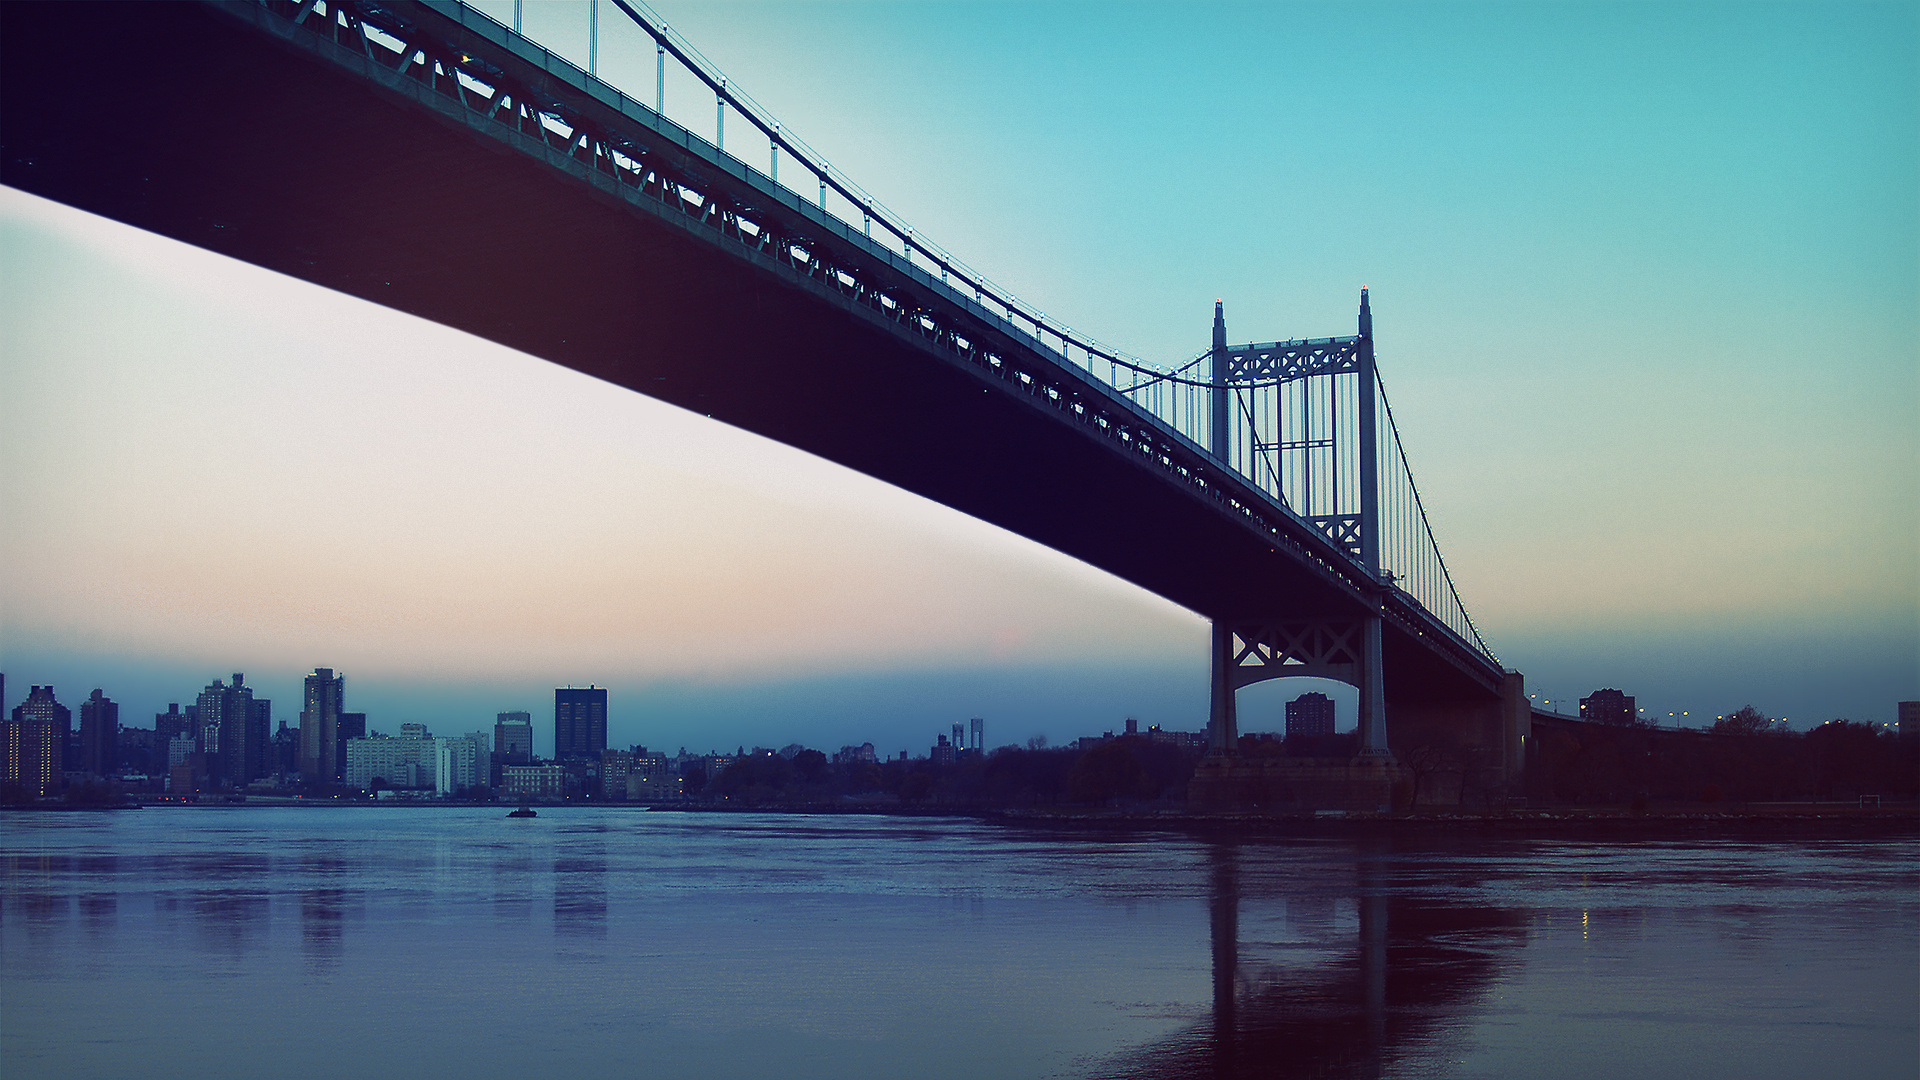 Под мостом загрузить